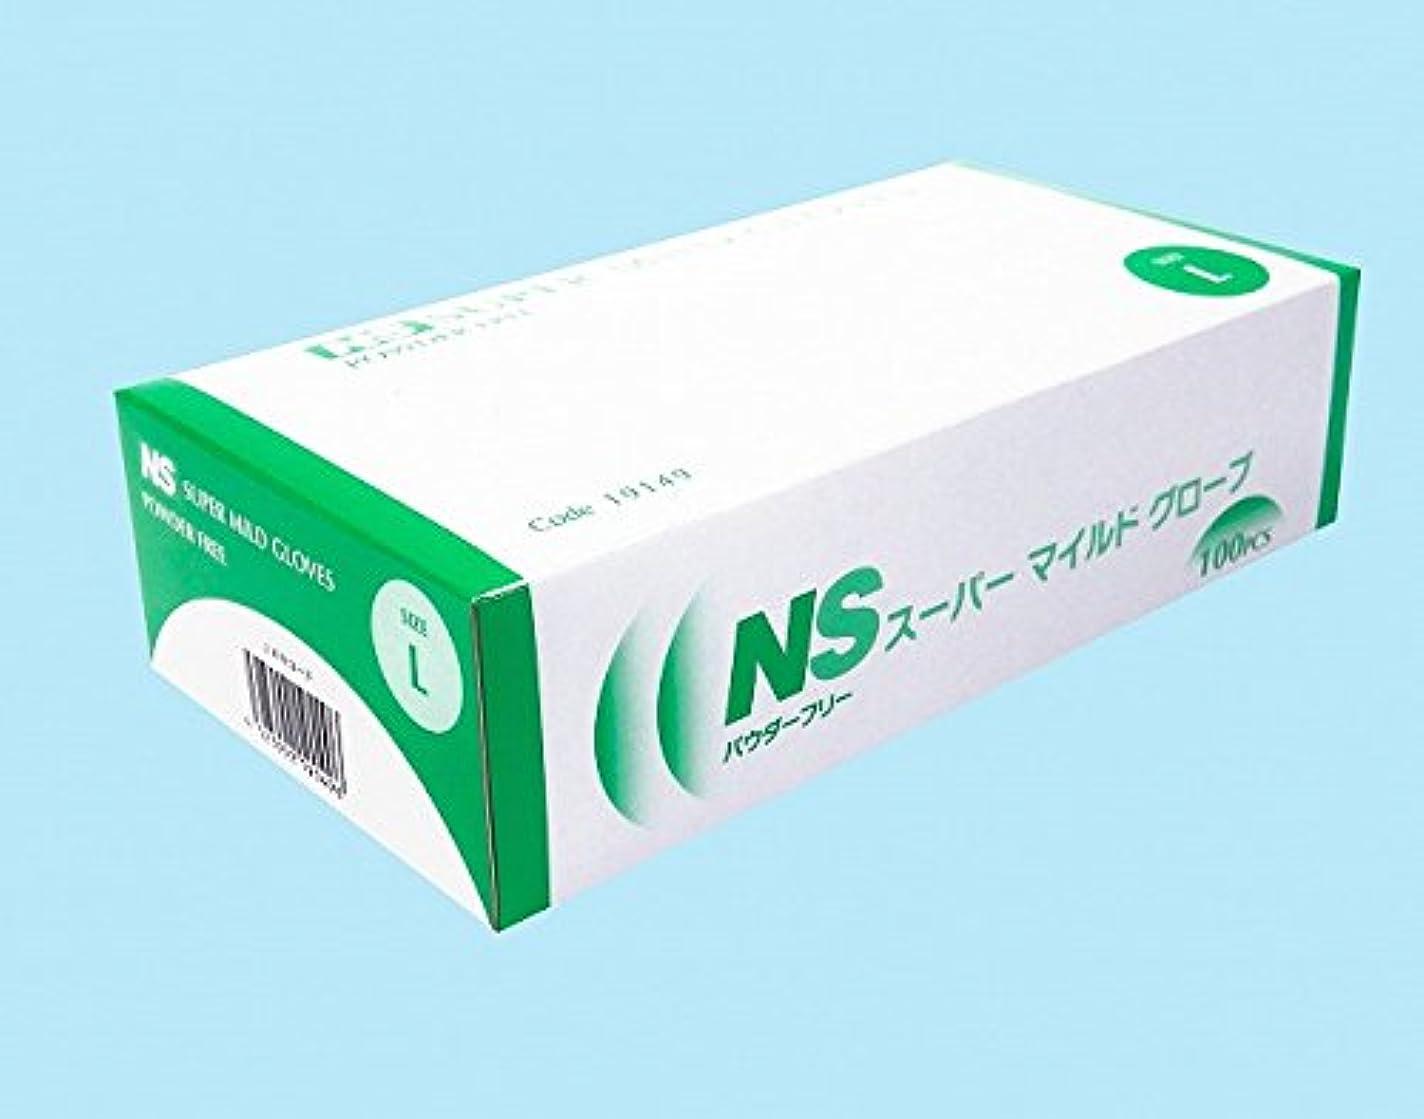 割り当てます職人シチリア【日昭産業】NS スーパーマイルド プラスチック手袋 パウダーフリー L 100枚入り